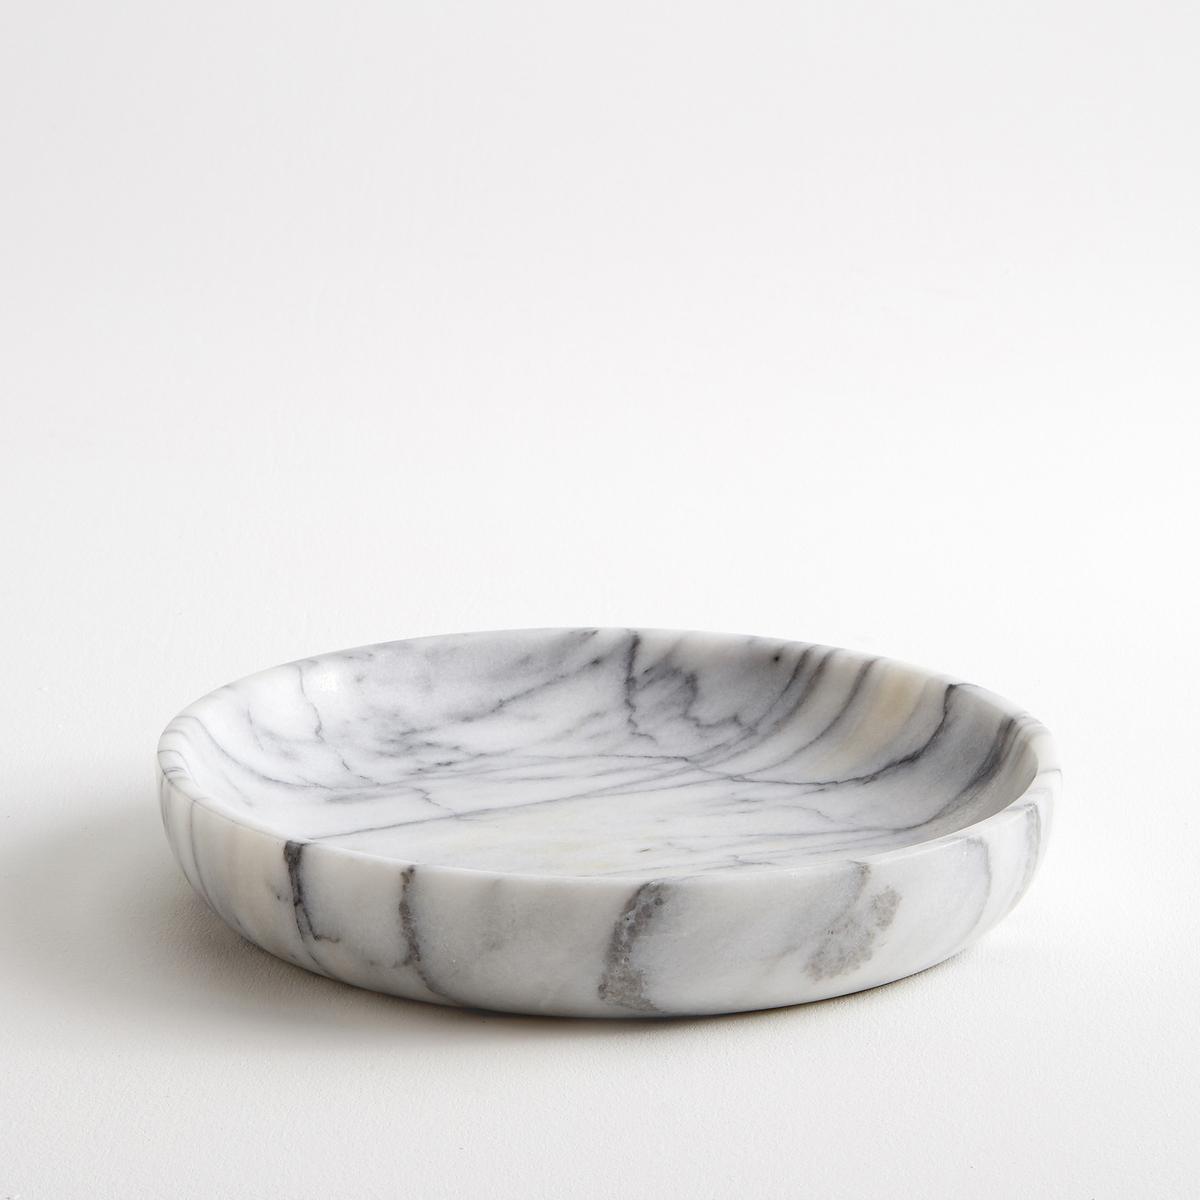 Чаша из мрамора ?25 см, Ks?niaЧаша из настоящего мрамора .           Простой предмет декора, который можно использовать просто так или как монетницу, мрамор красиво переливается.           Диаметр 25 см. Высота 4 см.<br><br>Цвет: мраморный,черный<br>Размер: единый размер.единый размер